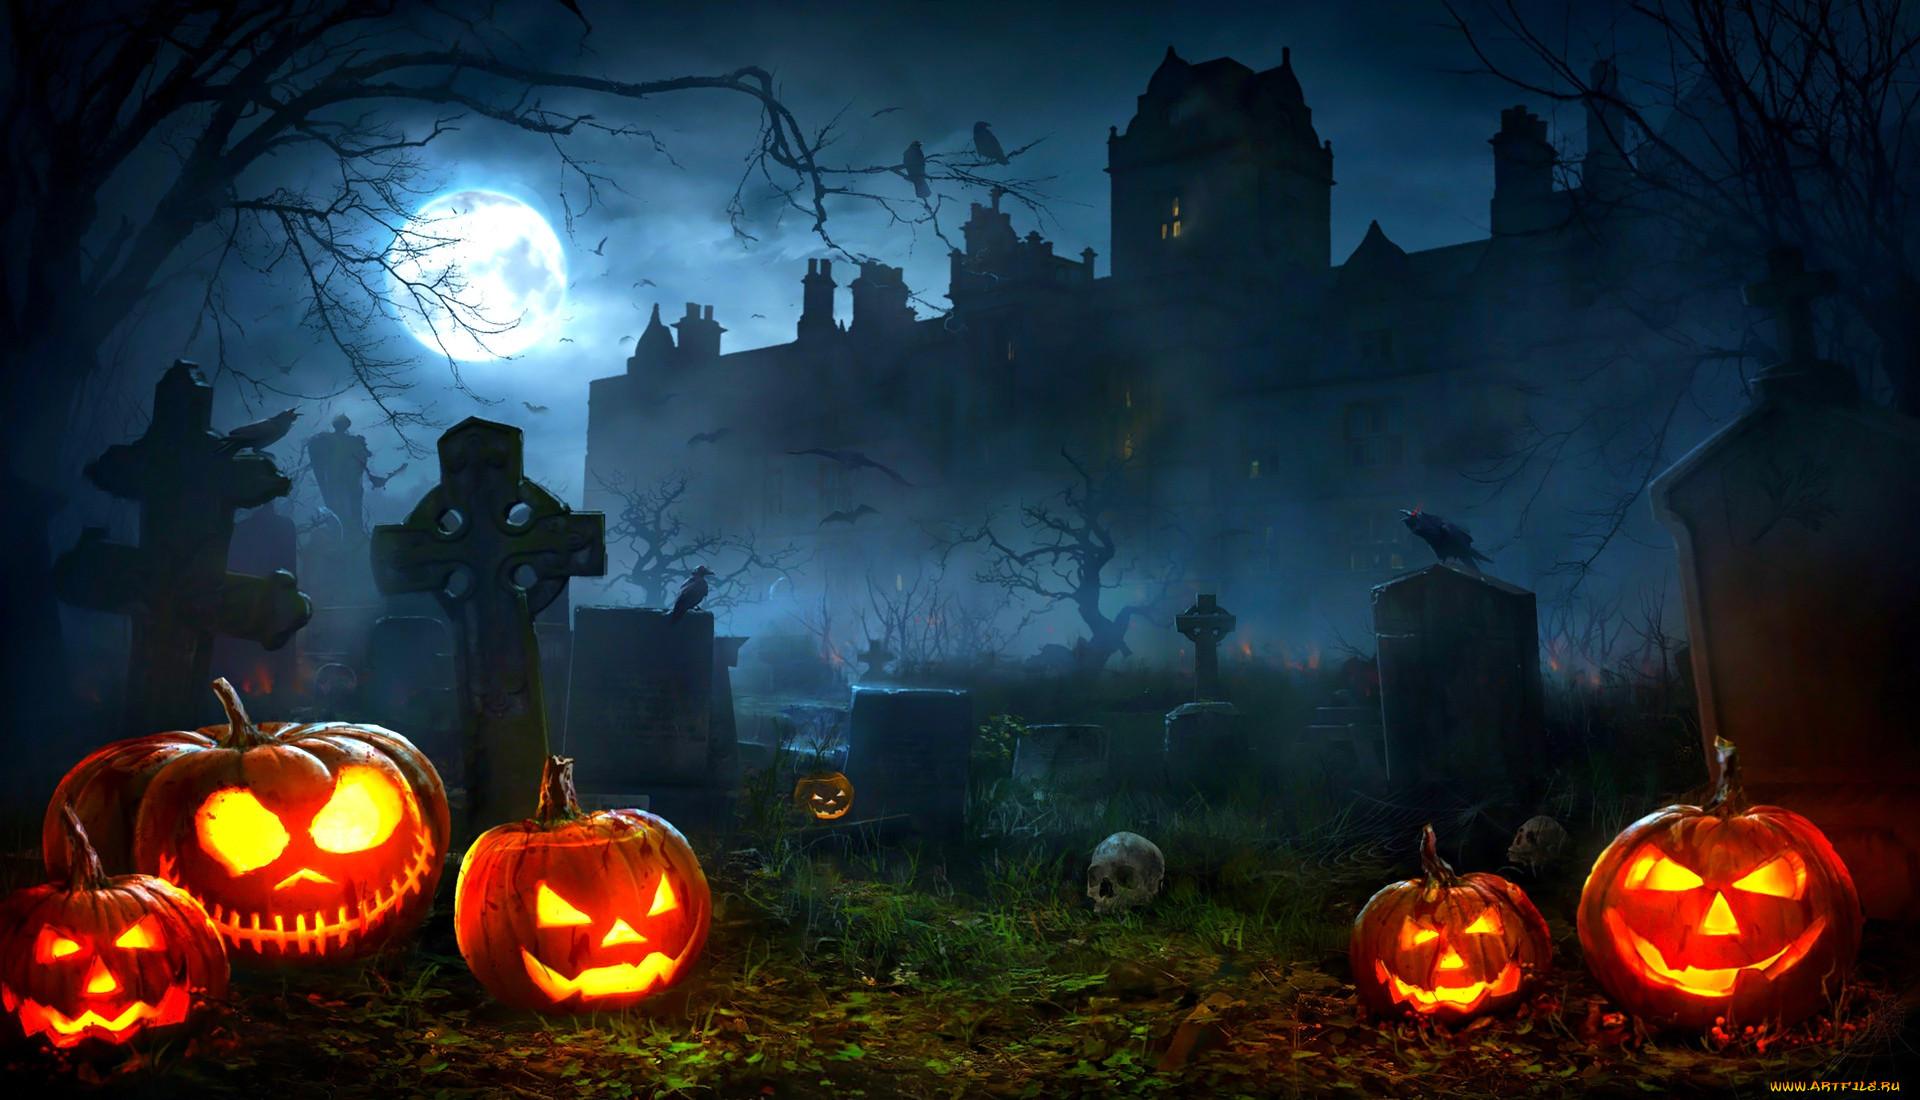 подобная хэллоуин фото на рабочий стол исходники подходят любой